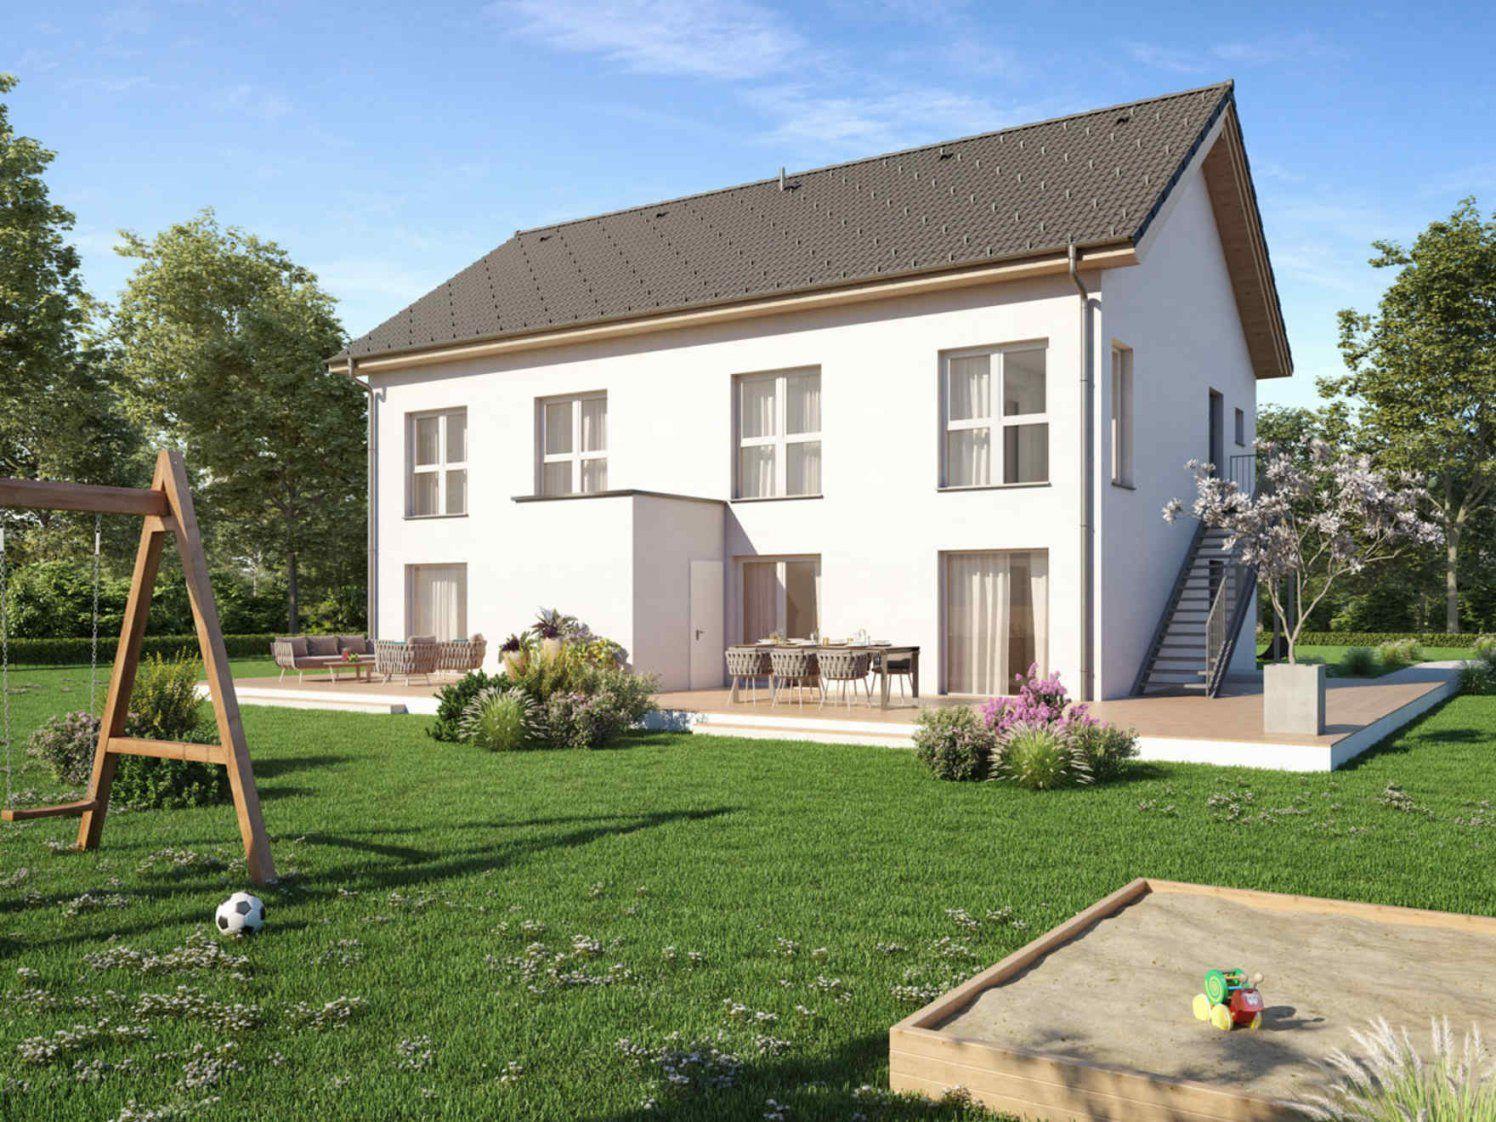 Ihr Perfektes Fertigteilhaus Eigenes Fertighaus 80M2 Kaufen  Vario von Kleines Fertighaus Für 2 Personen Bild